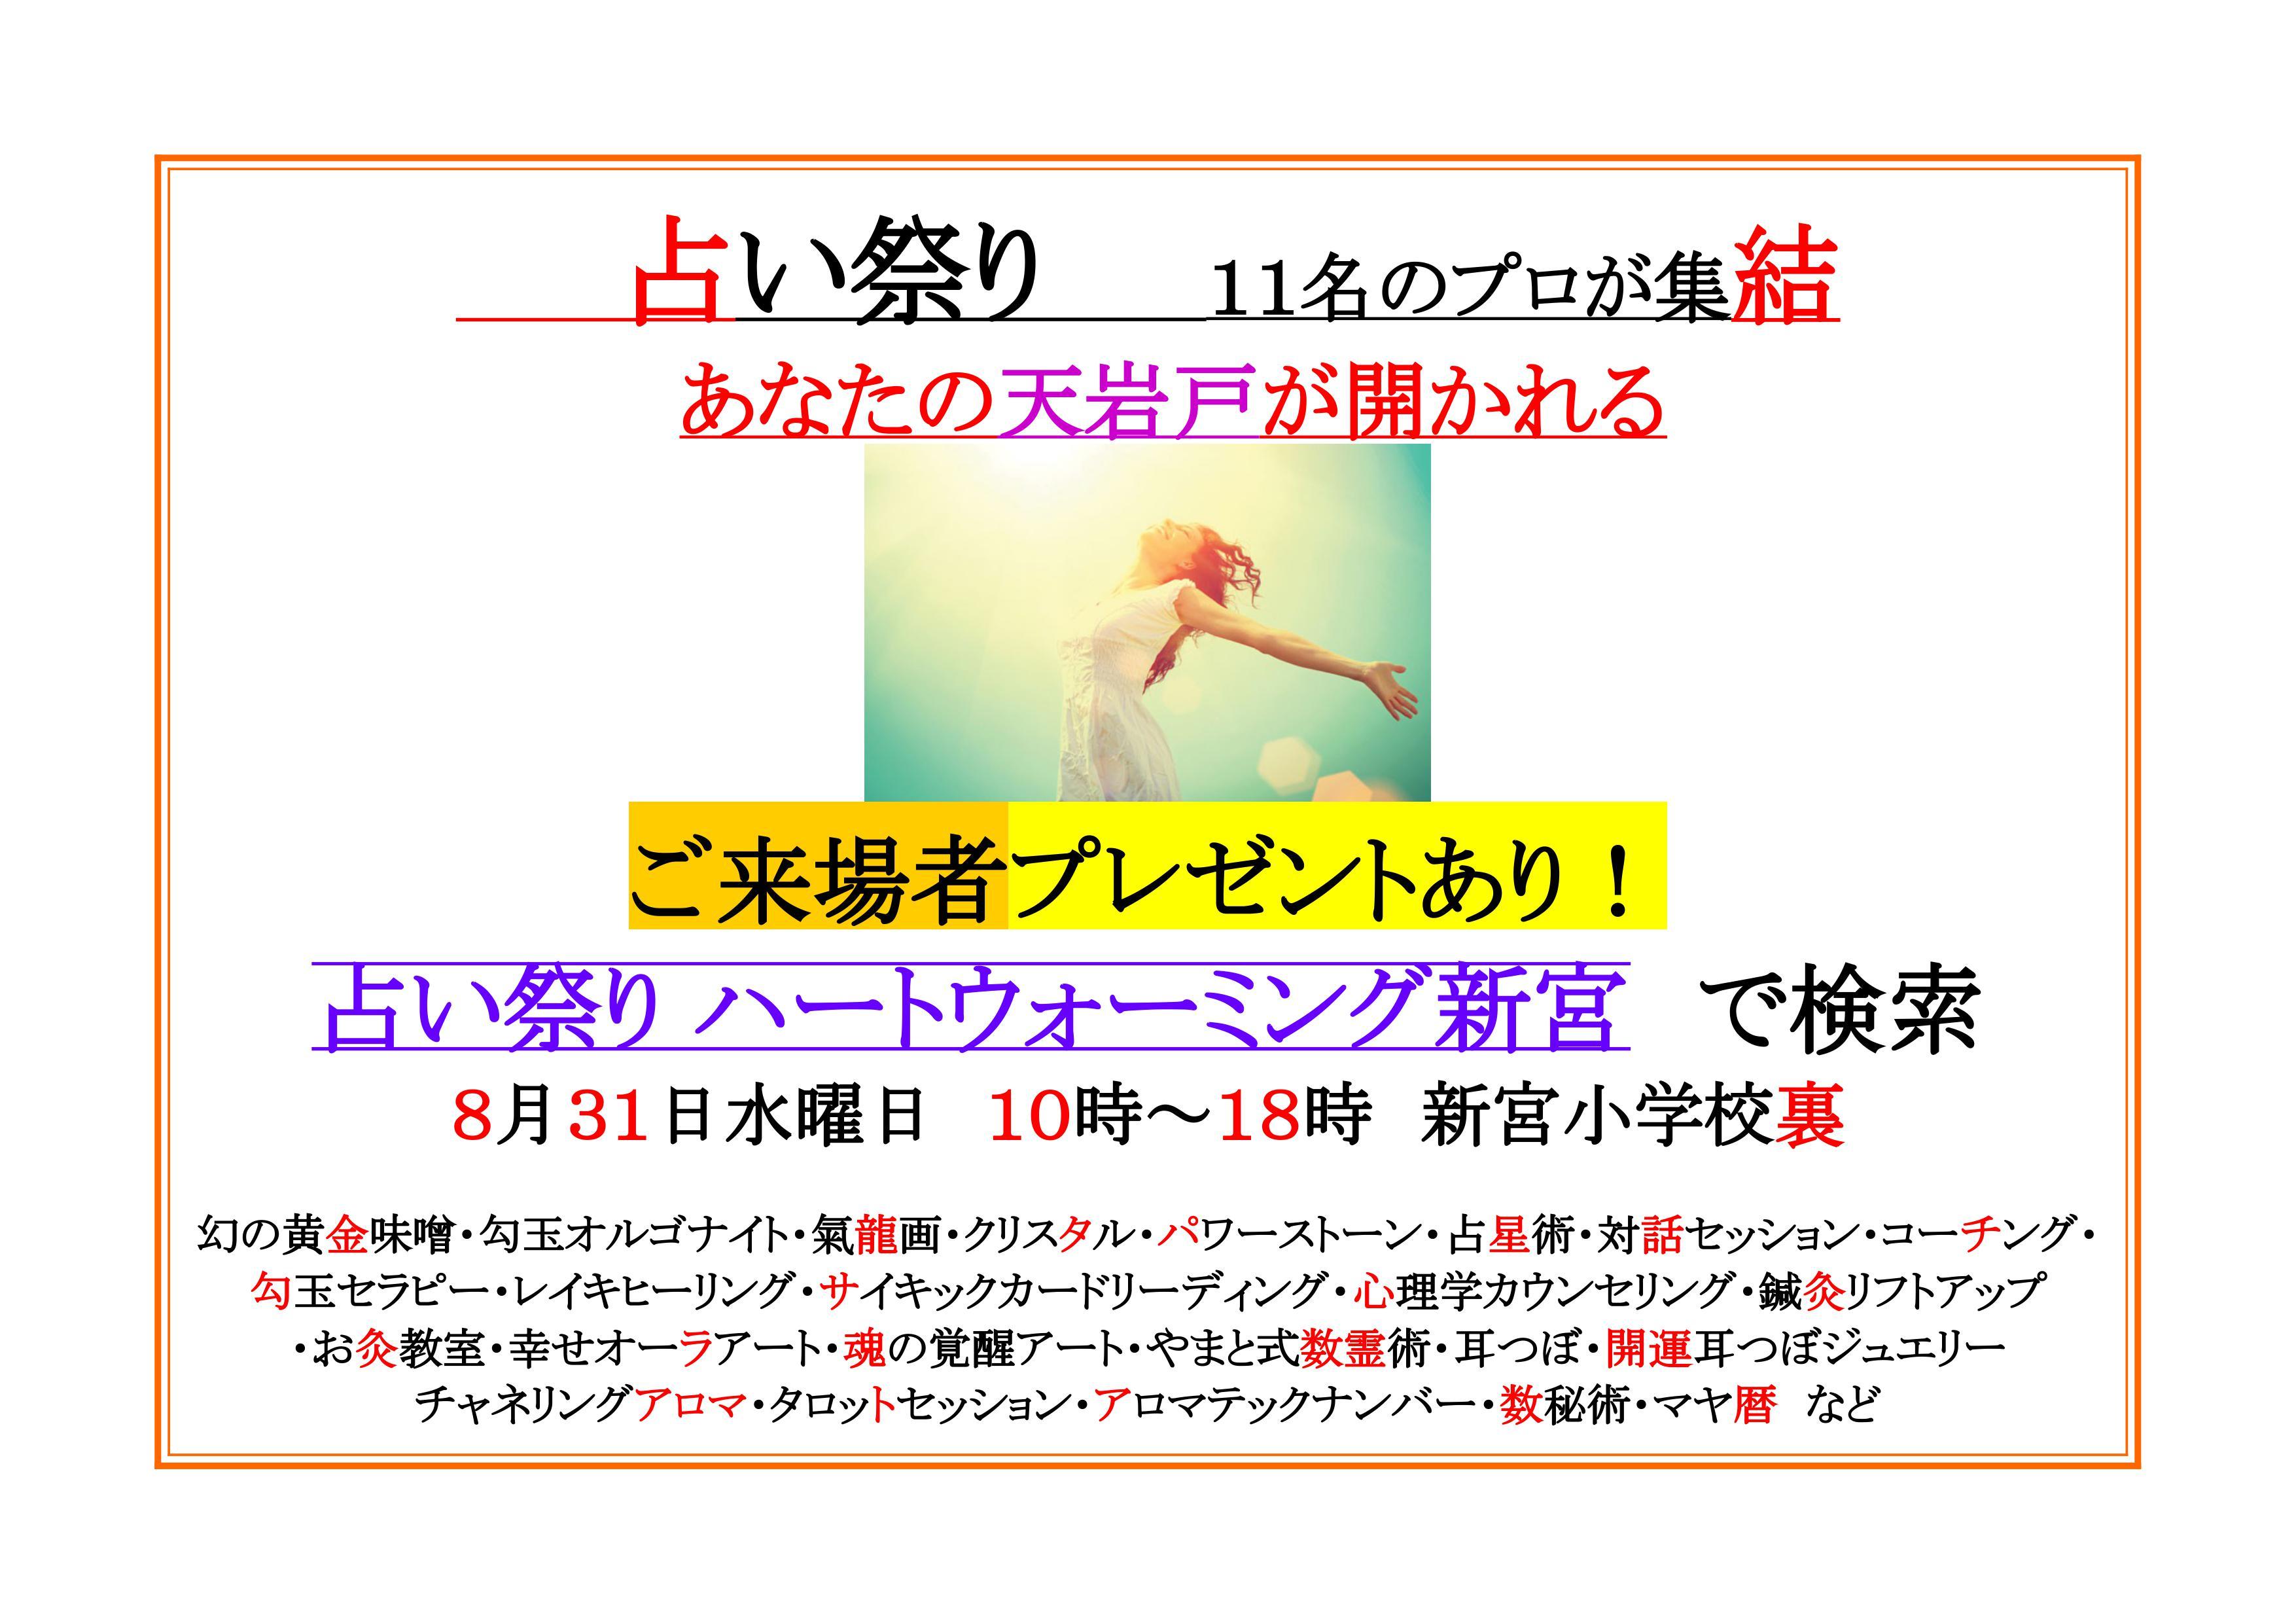 8月31日(水)福岡・占い祭り!